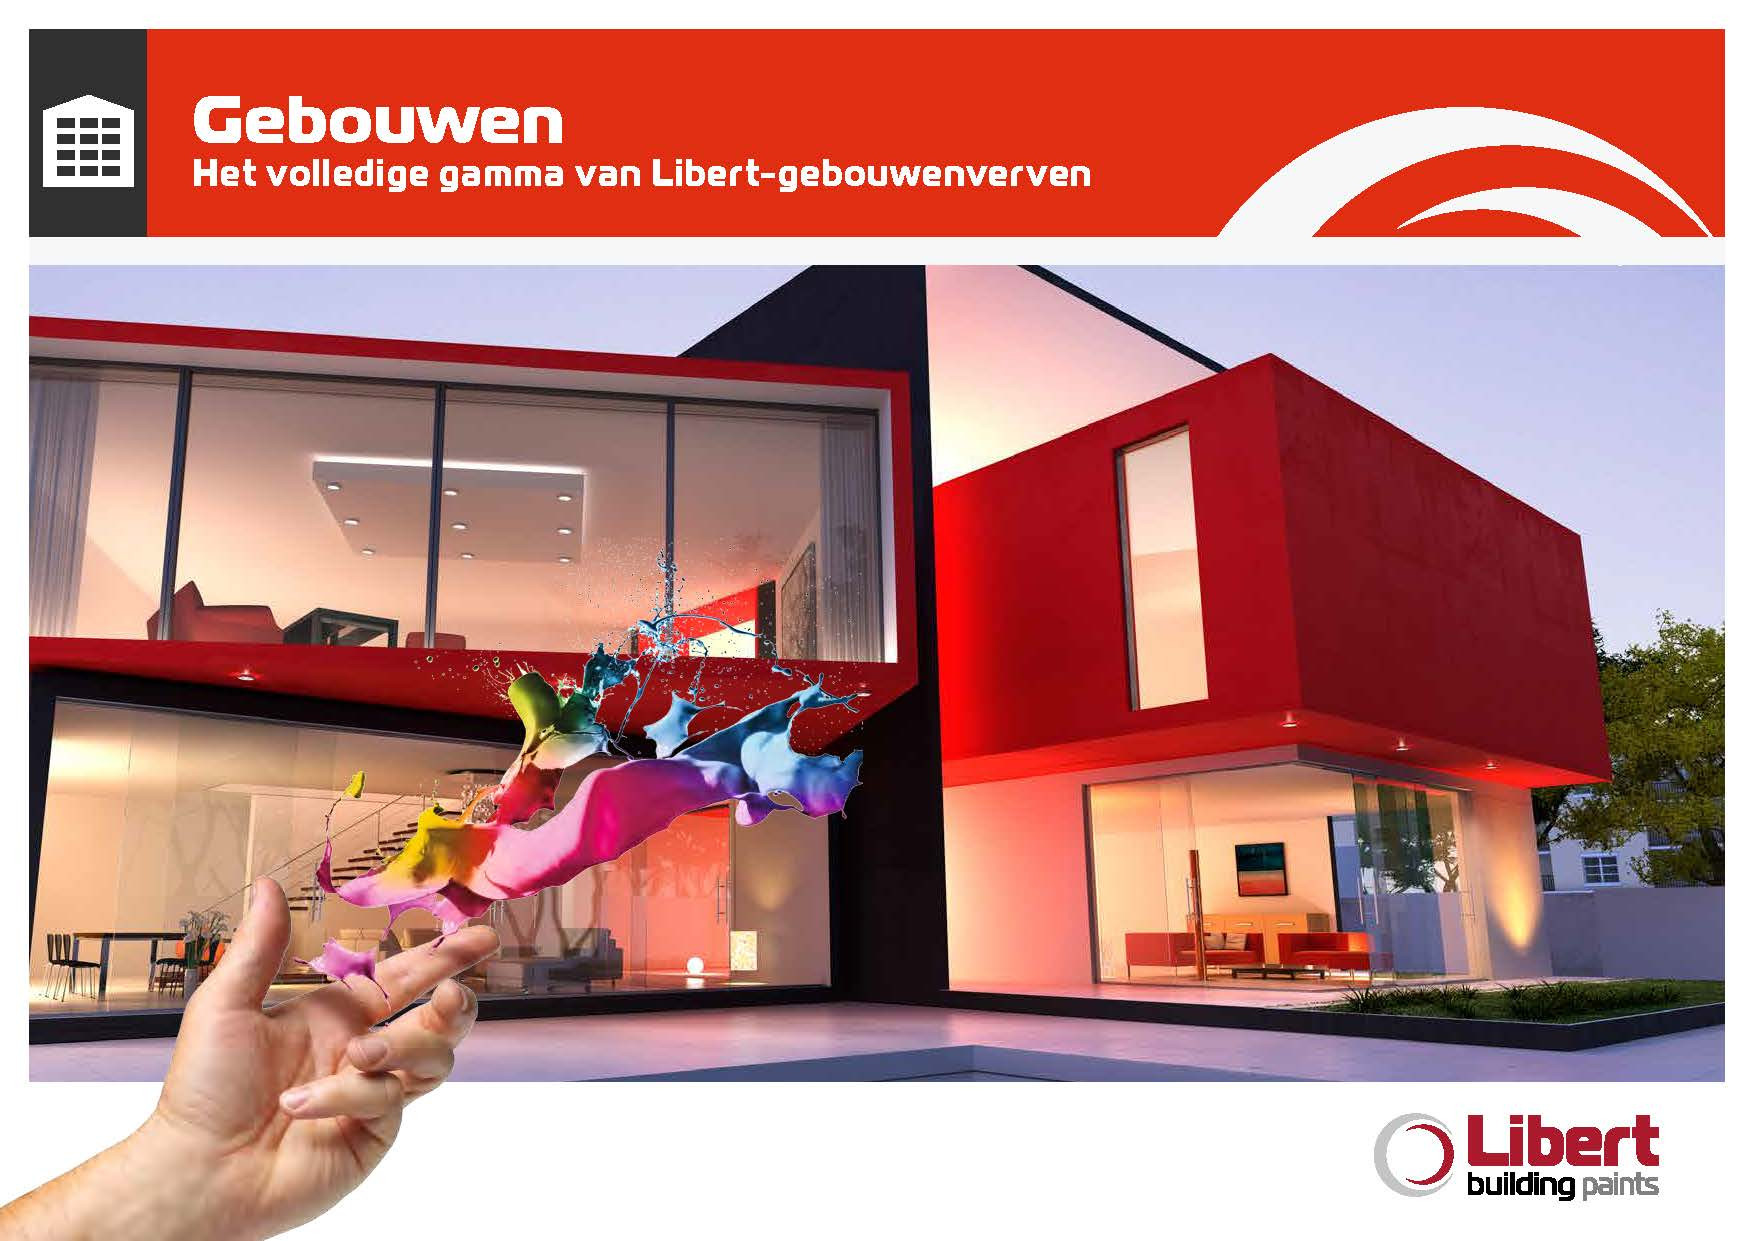 Gebouwenbrochure_NL.jpg